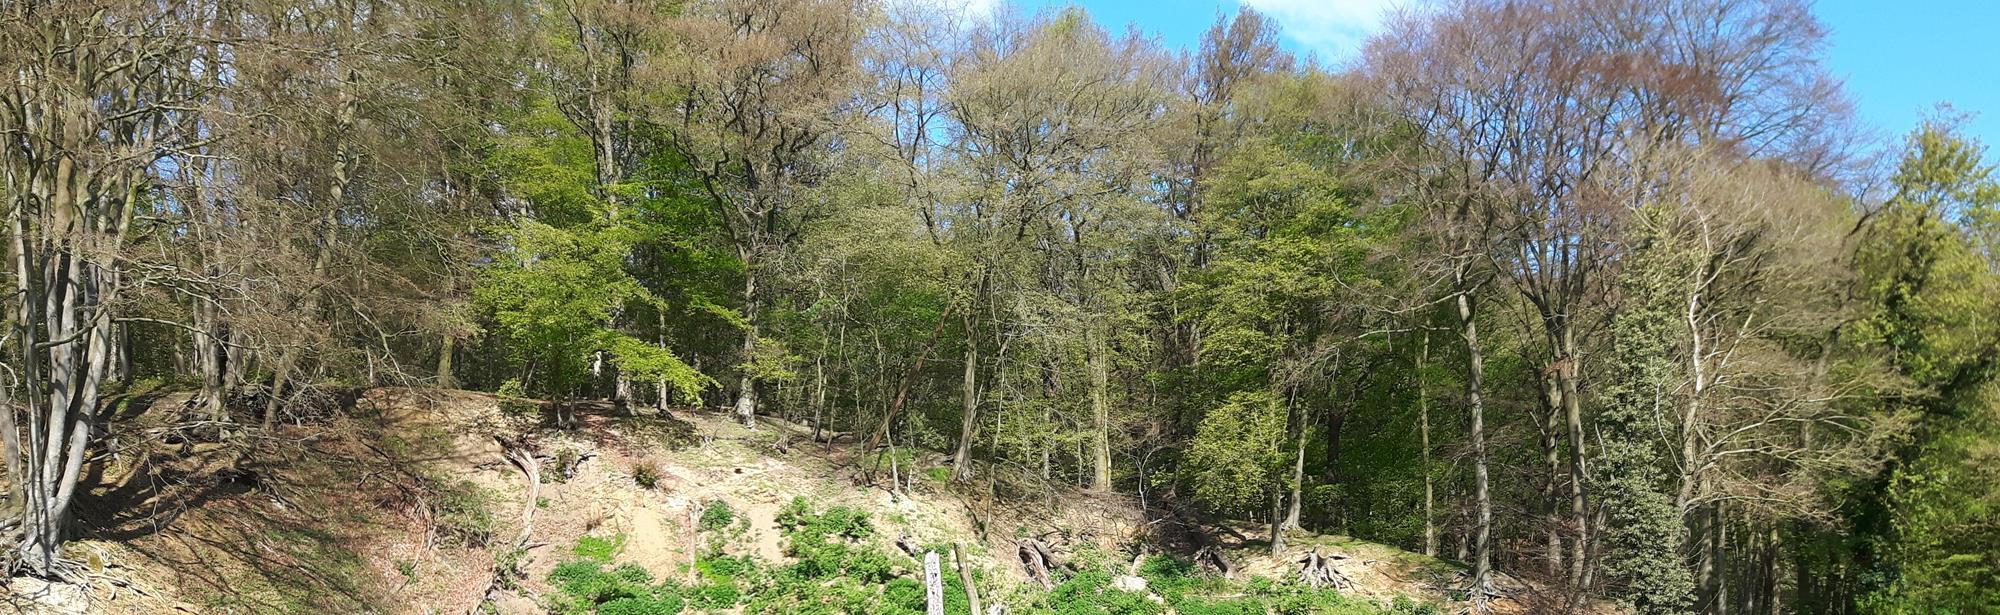 Onderste en bovenste bos